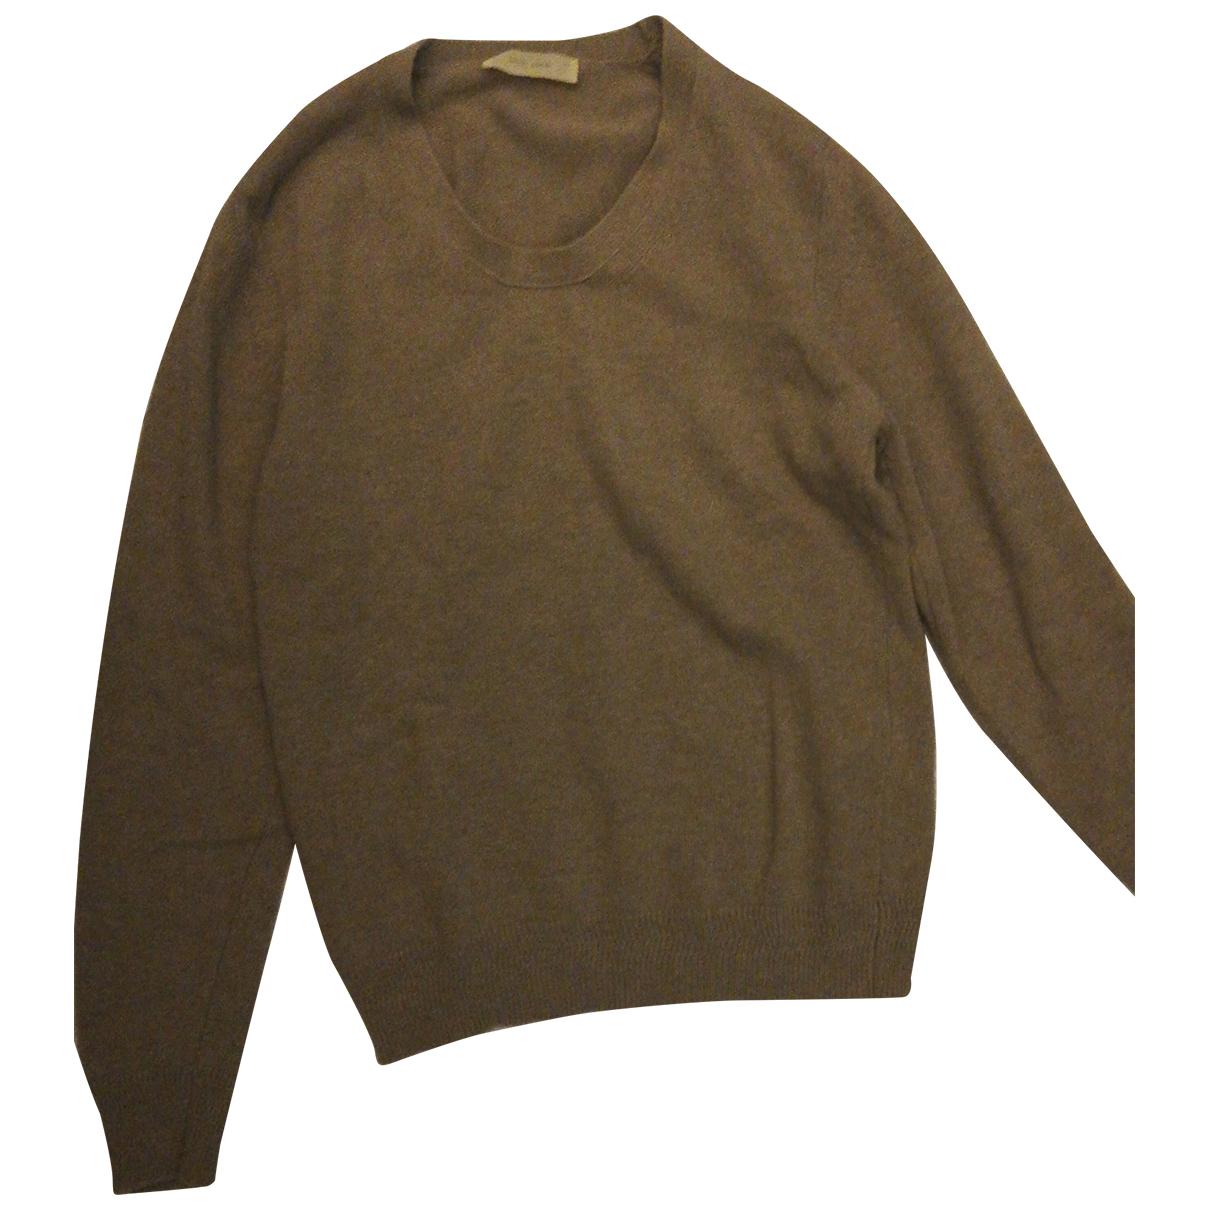 Mauro Grifoni \N Pullover.Westen.Sweatshirts  in  Beige Wolle